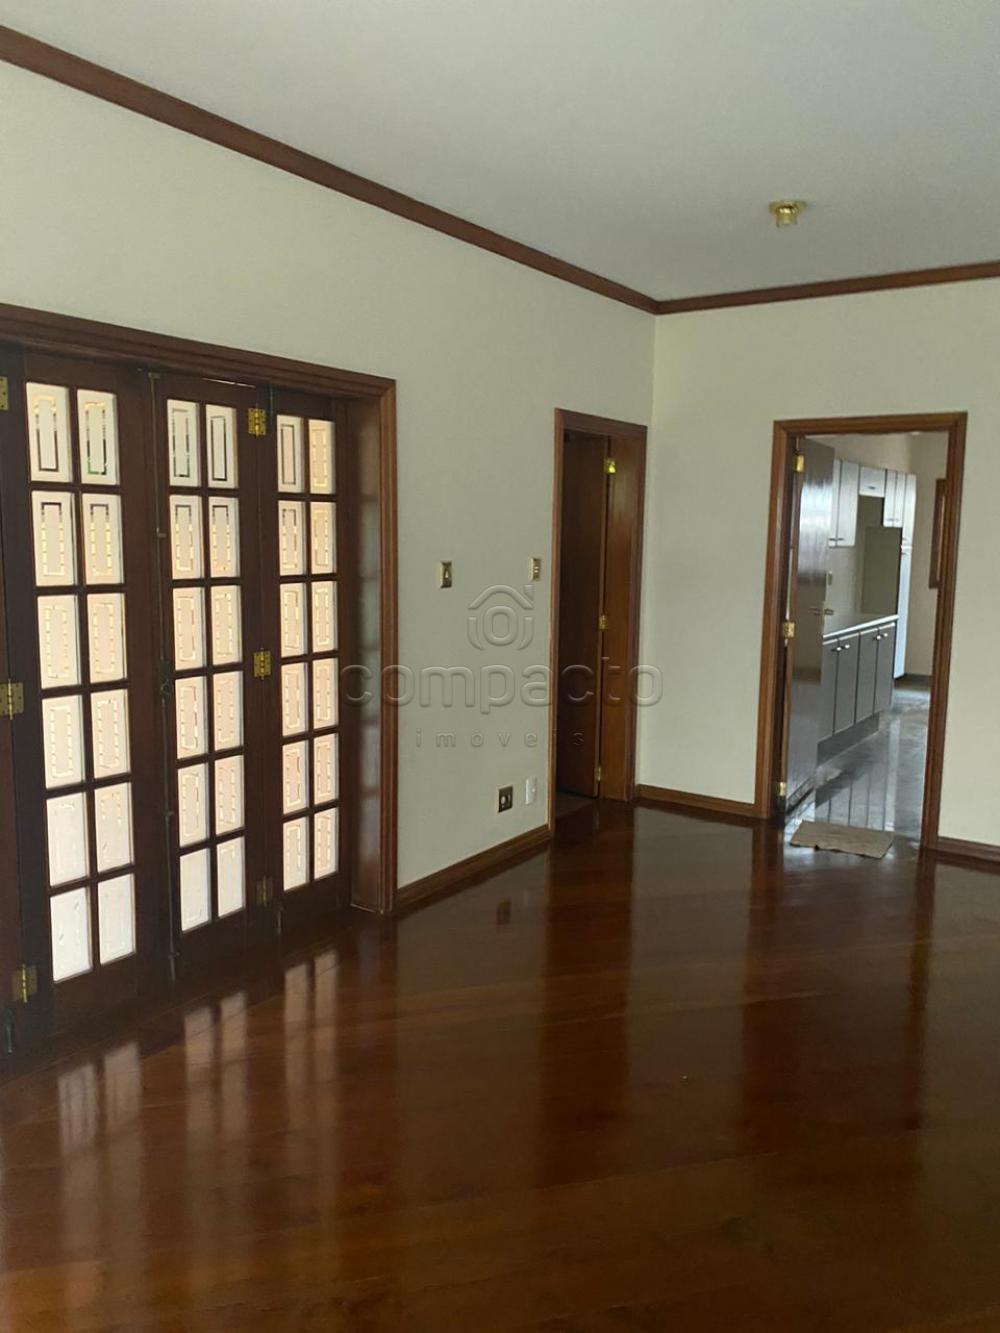 Alugar Casa / Condomínio em São José do Rio Preto apenas R$ 7.500,00 - Foto 9